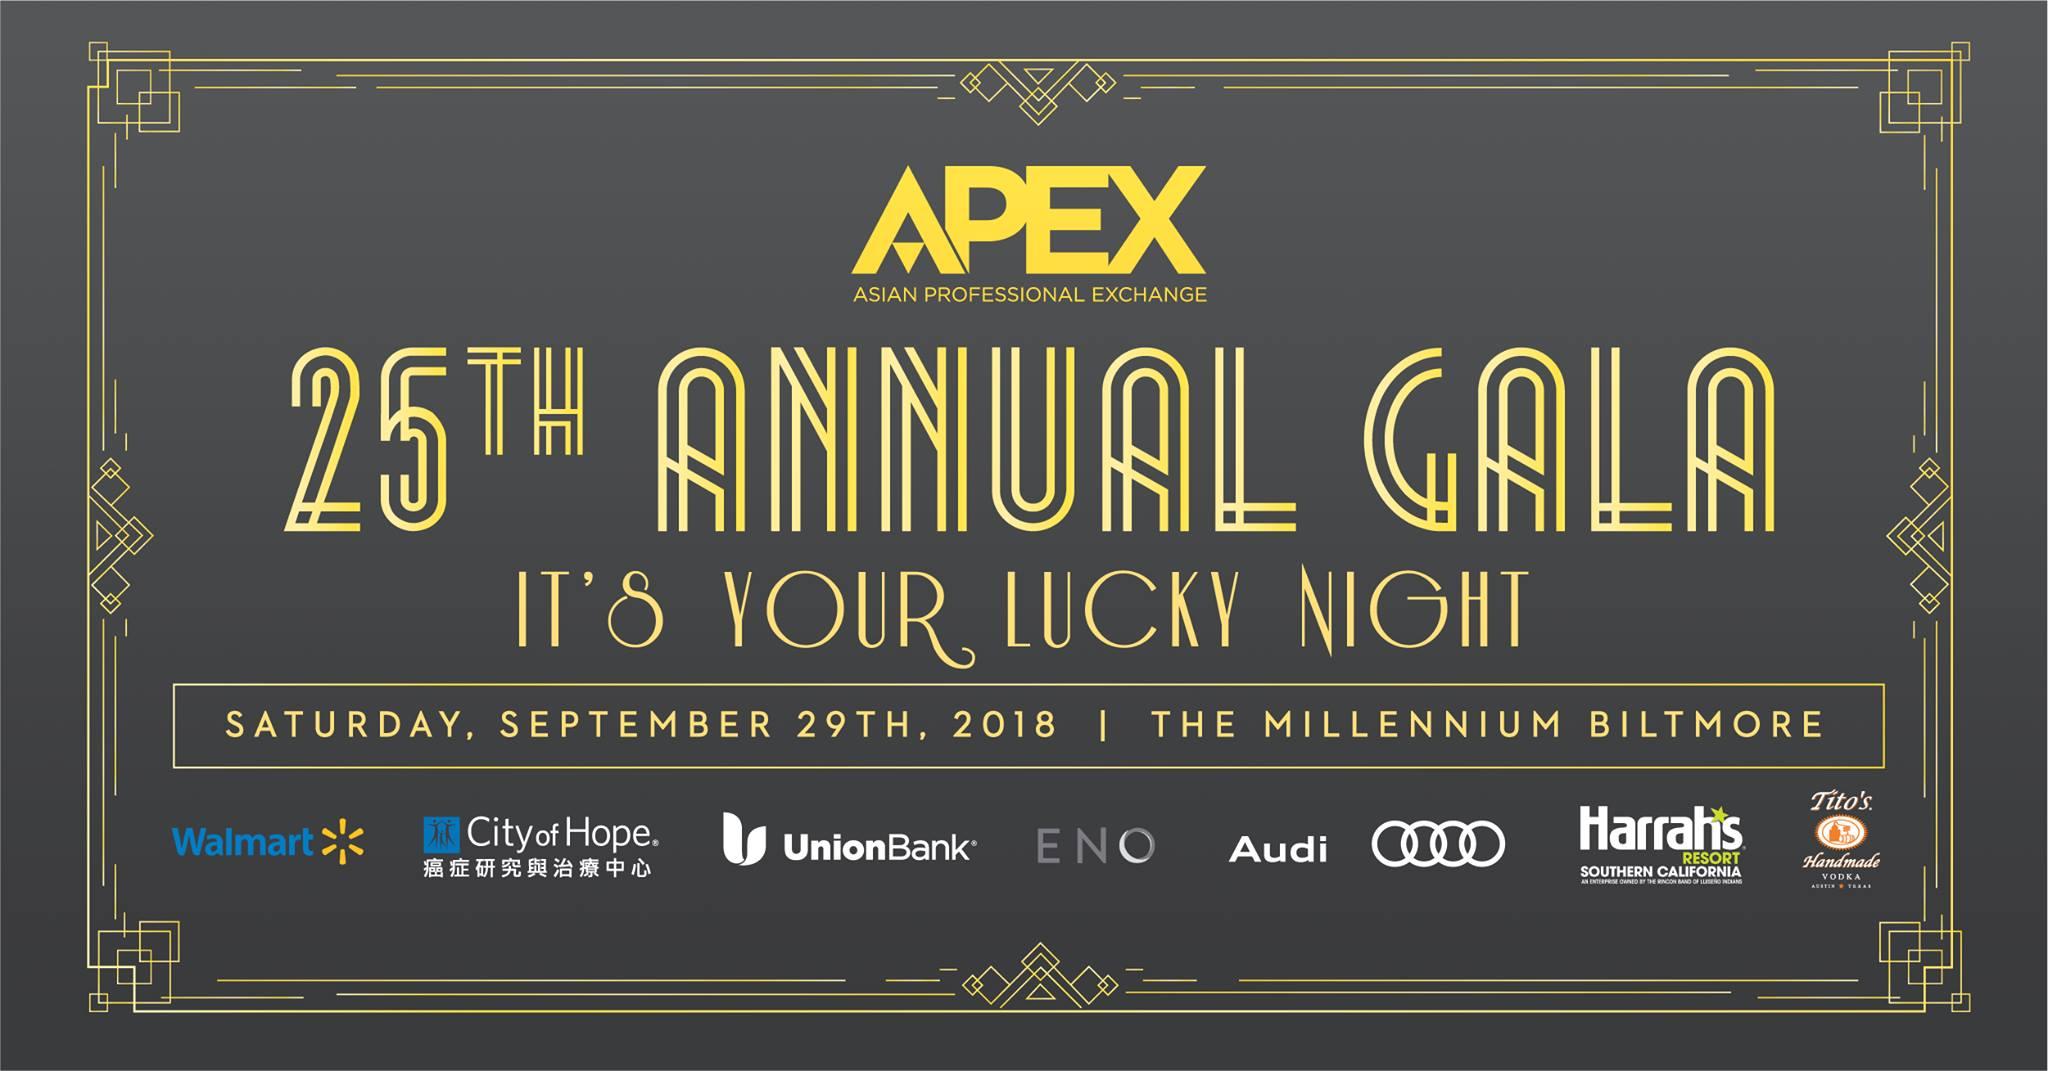 2018 APEX 25th Annual Gala